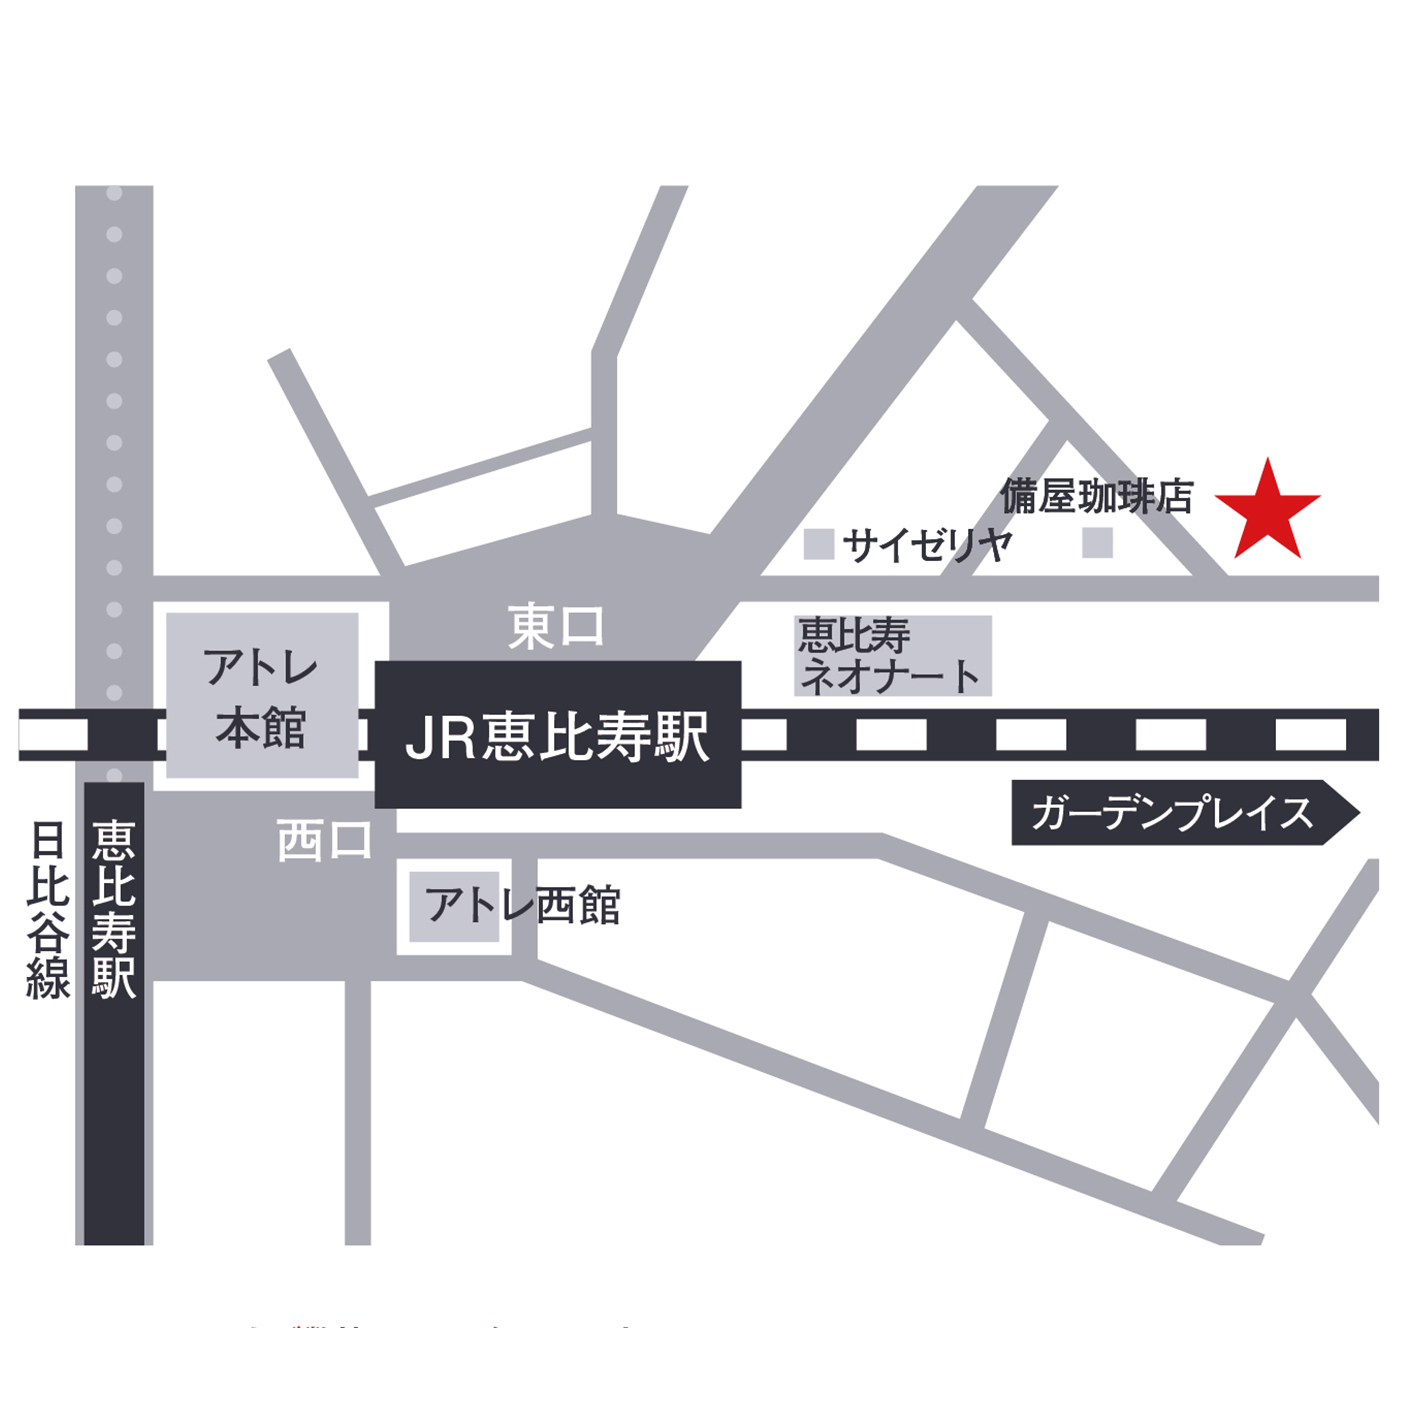 マップ画像SP